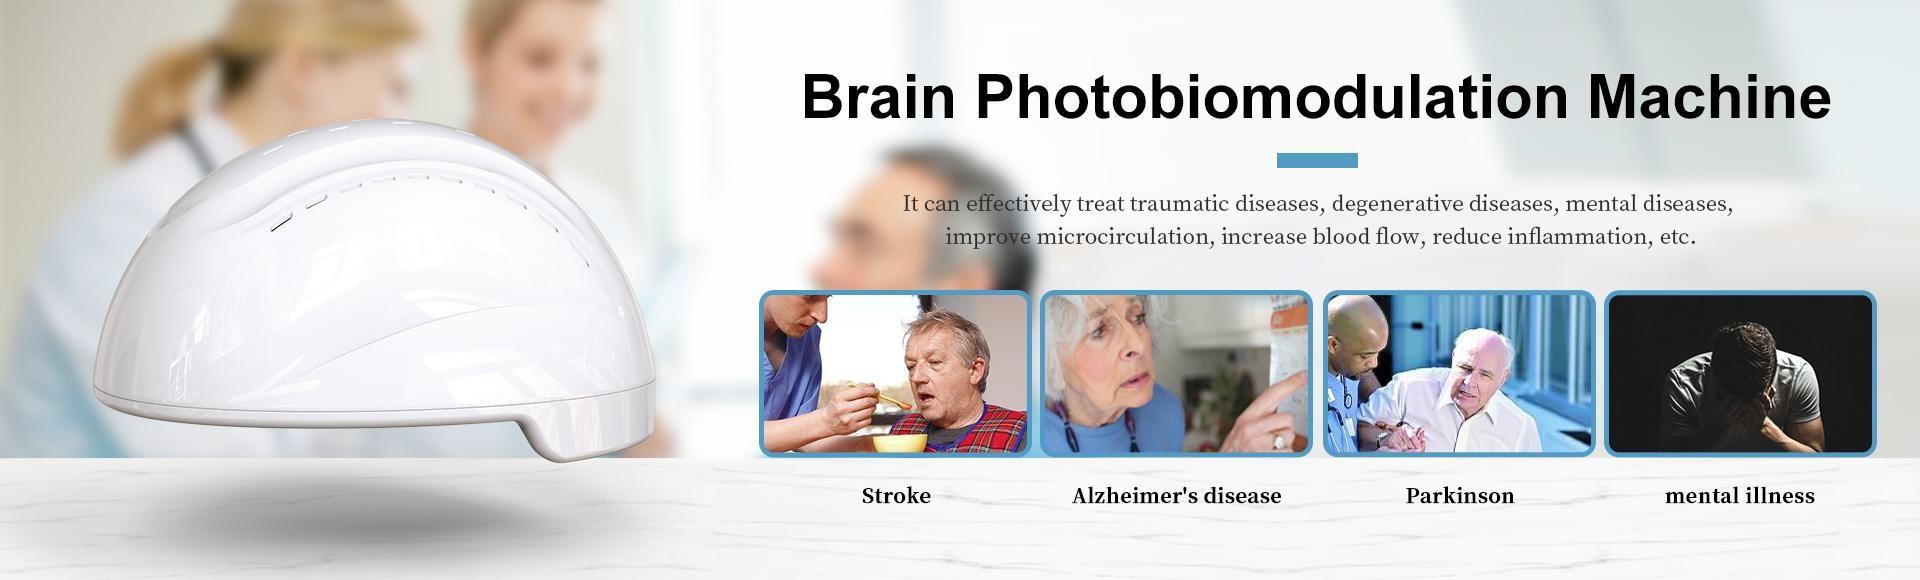 brainhelmentuses.jpg